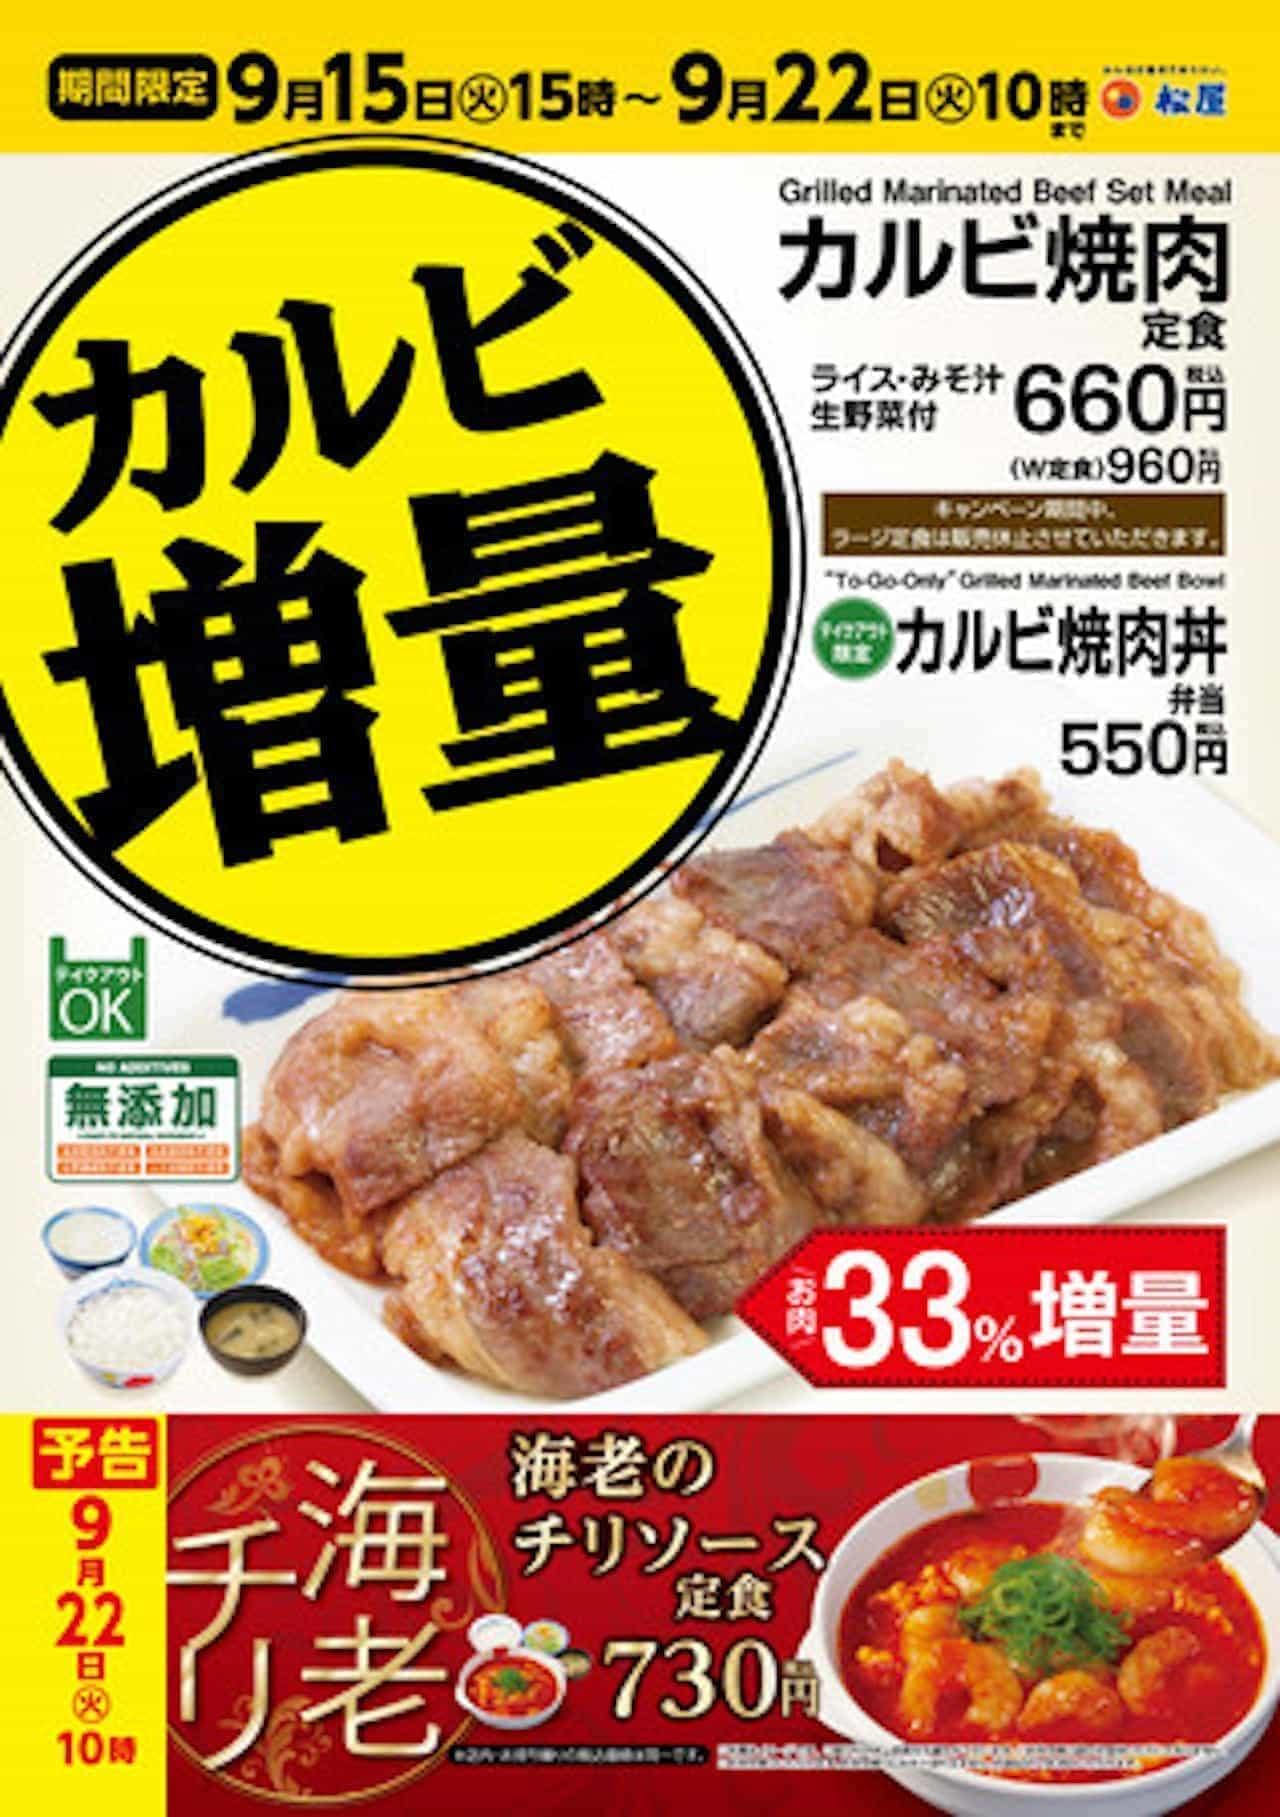 松屋「カルビ増量キャンペーン」